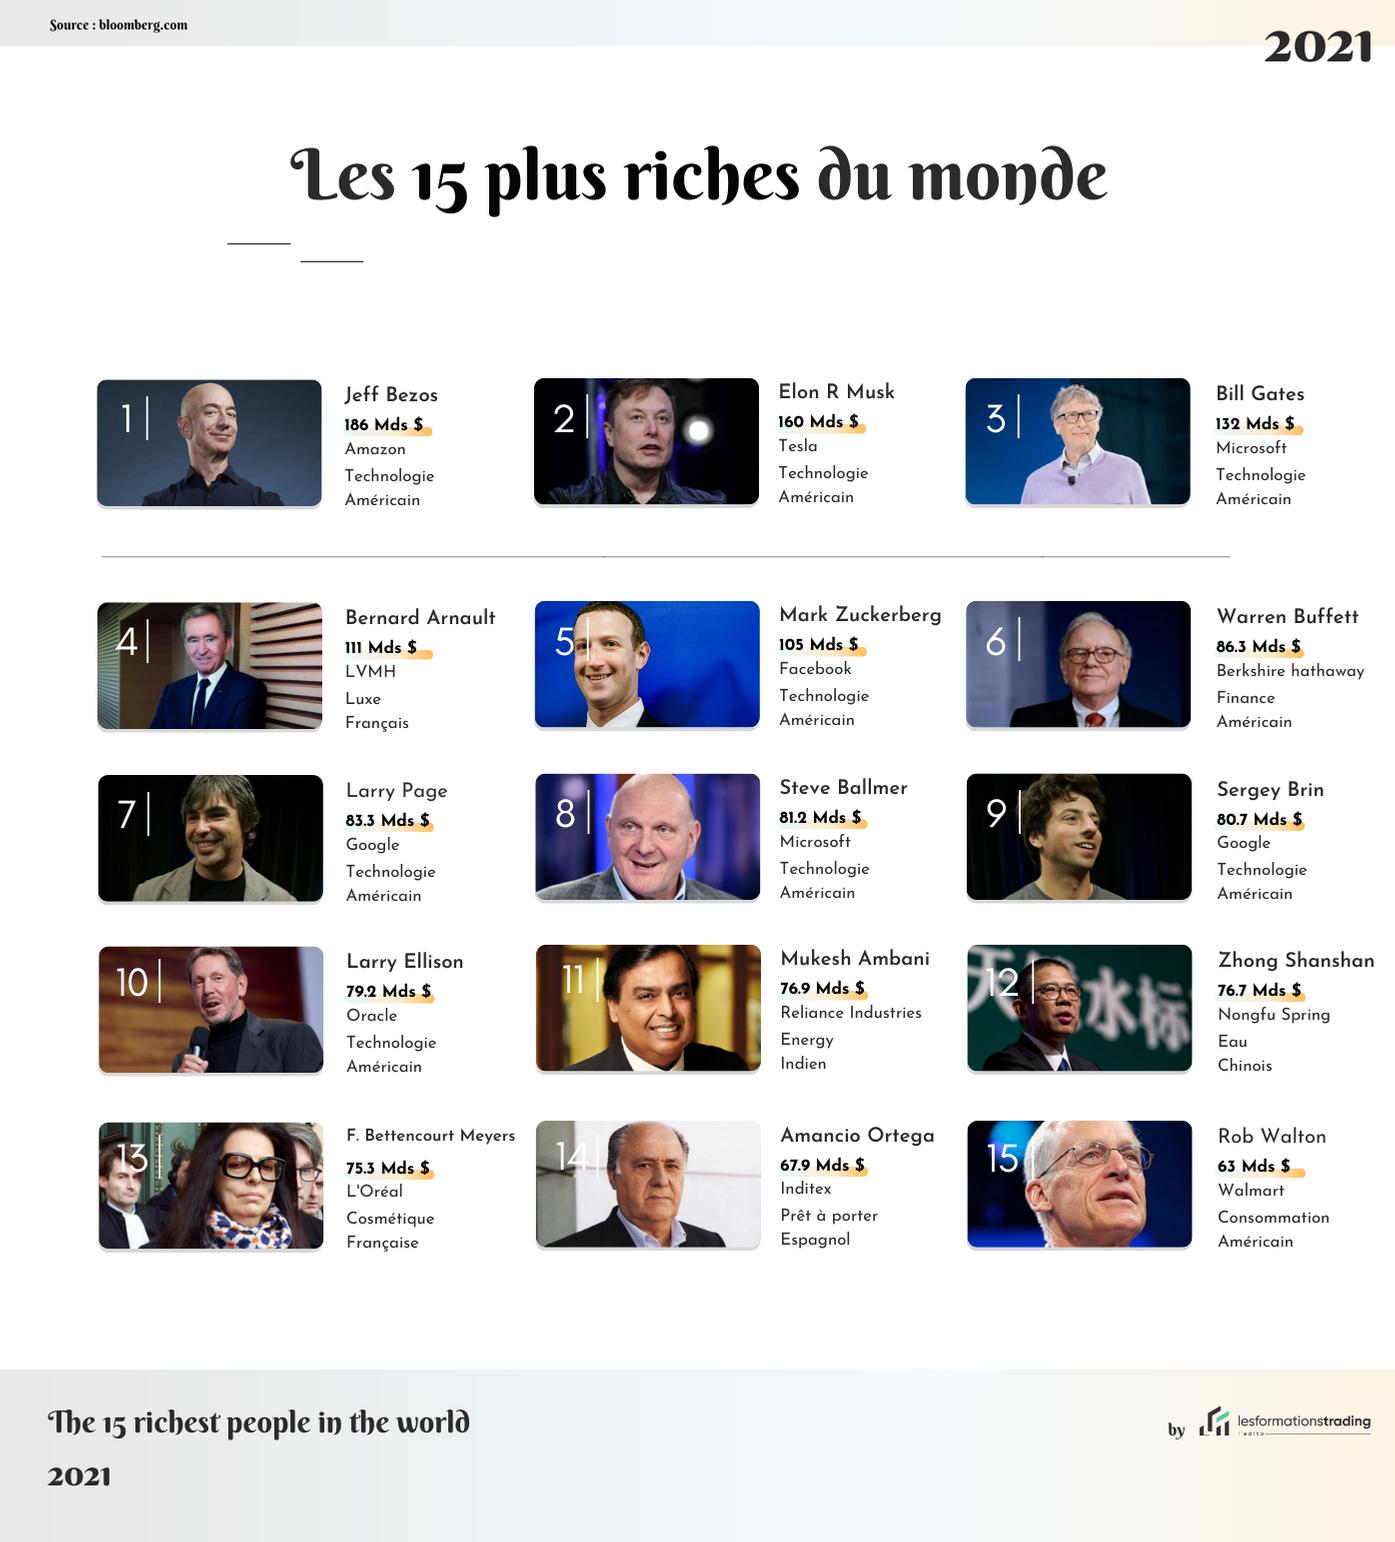 Les 15 milliardaires les plus riches du monde